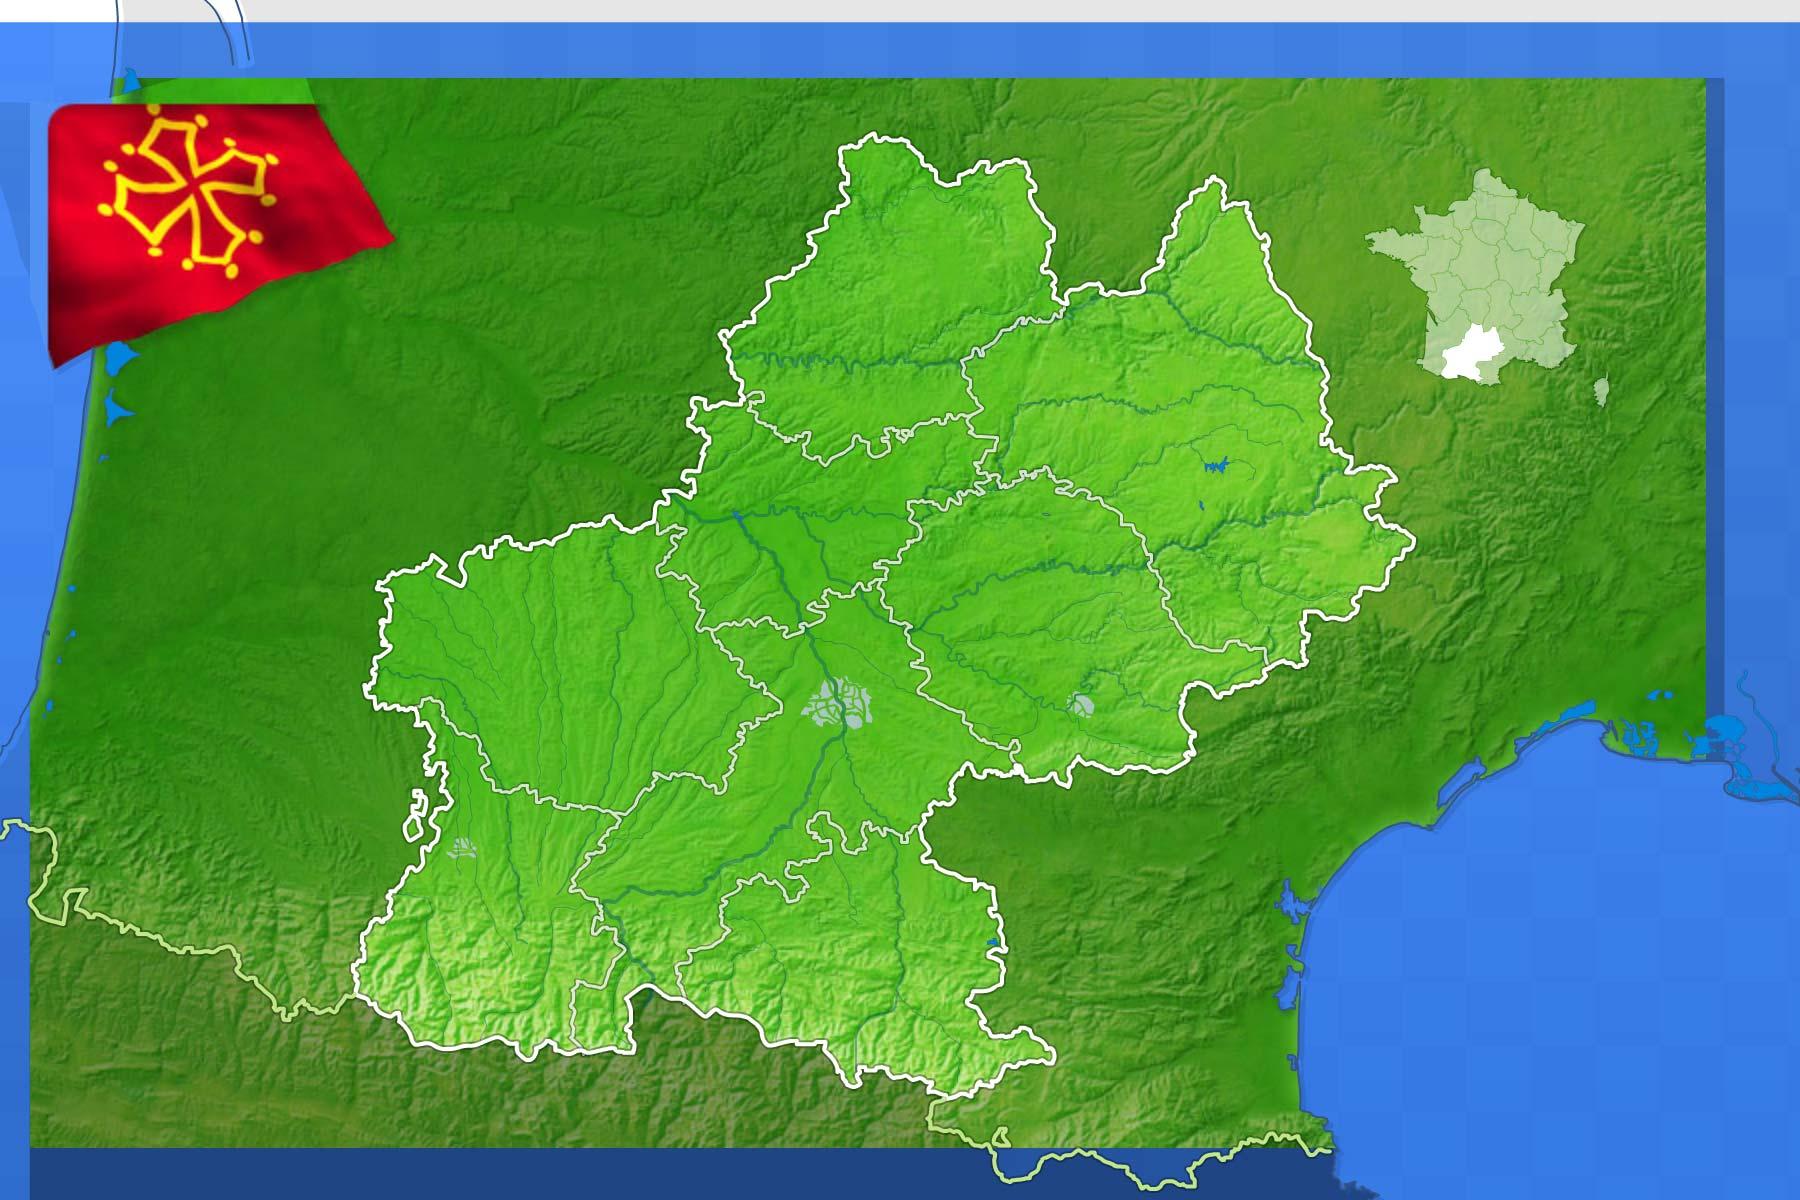 Jeux-Geographiques Jeux Gratuits Villes De Midi Pyrenees dedans Jeux Geographique